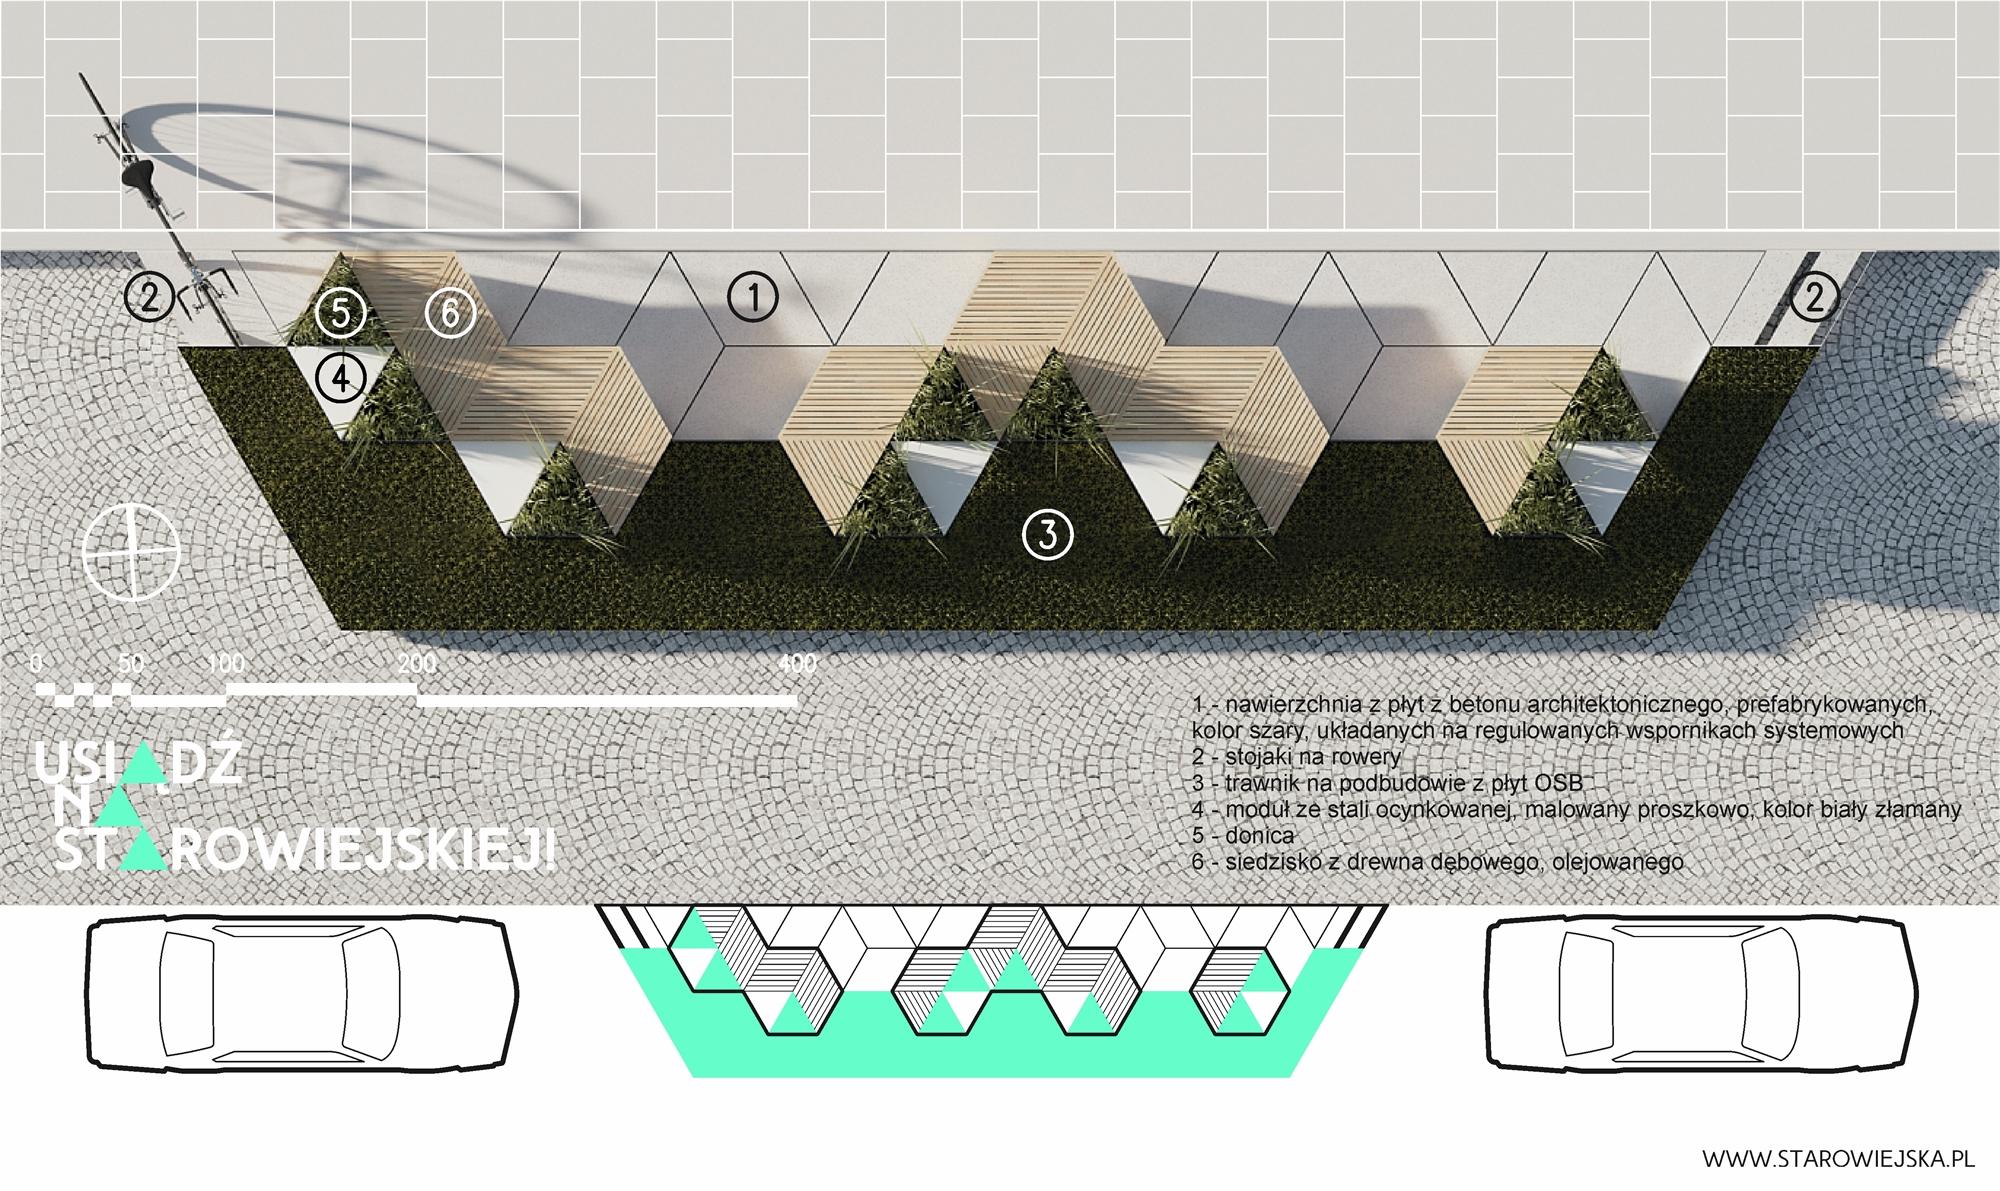 3 gdynia_projekt_miejski_parklet_usiadz_na_starowiejskiej_architektura_przestrzen_publiczna_urban_design_public_spaces